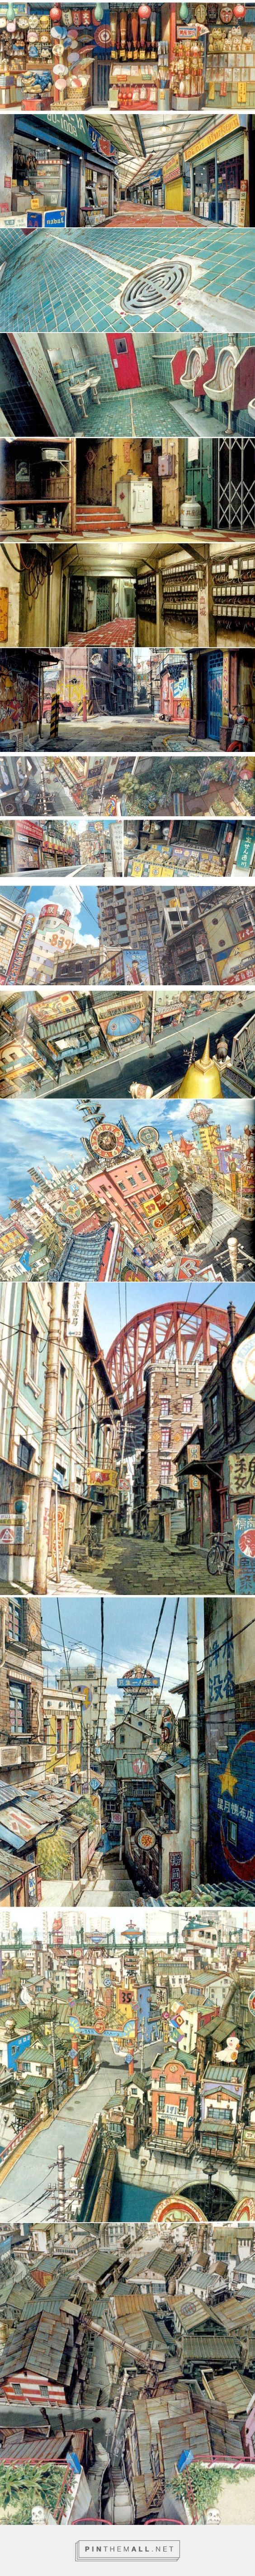 Mais um pouco dos incríveis cenários de TekkonKinkreet | THECAB - The Concept Art Blog - created via http://pinthemall.net: